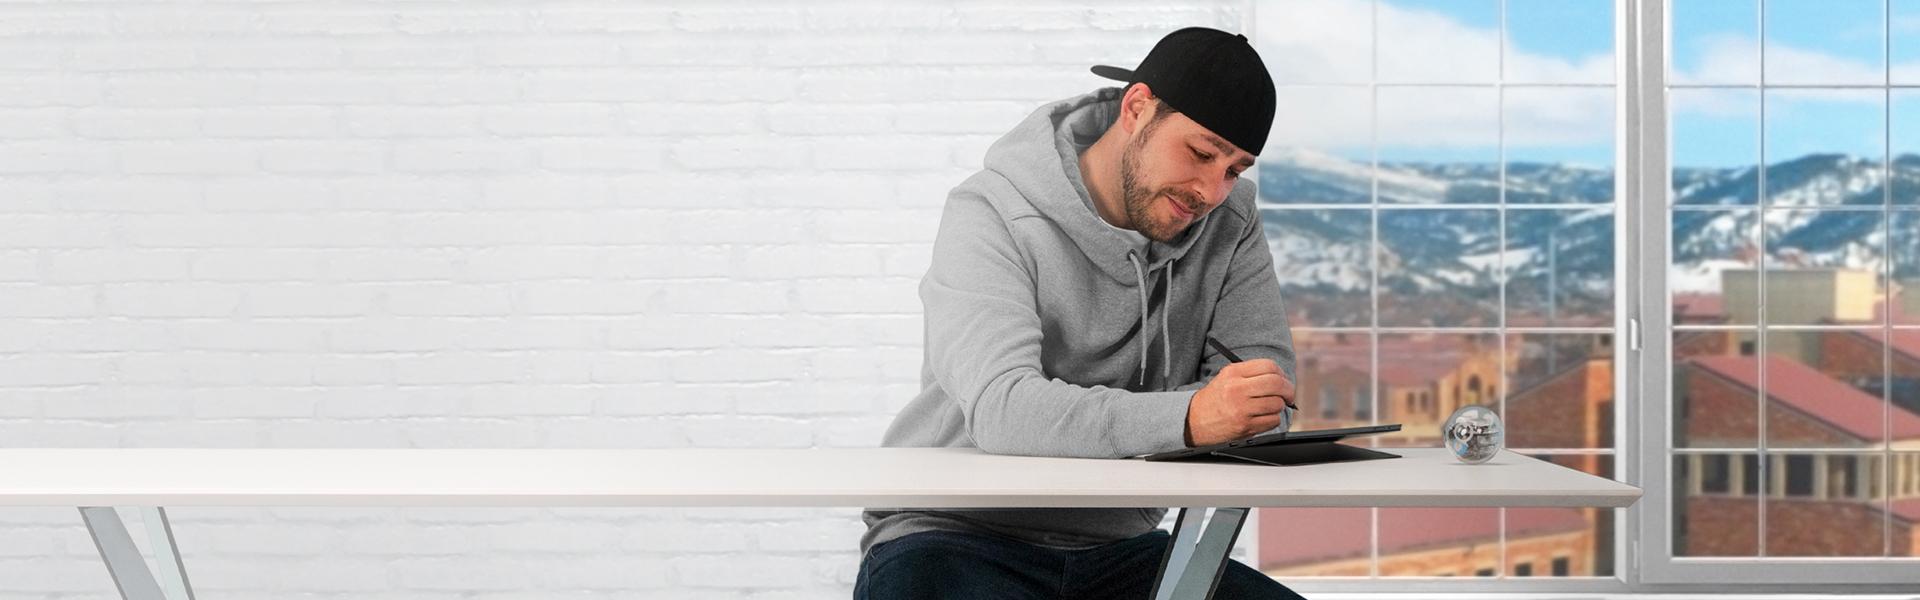 Усмихнат мъж, който работи на бюро със Surface.